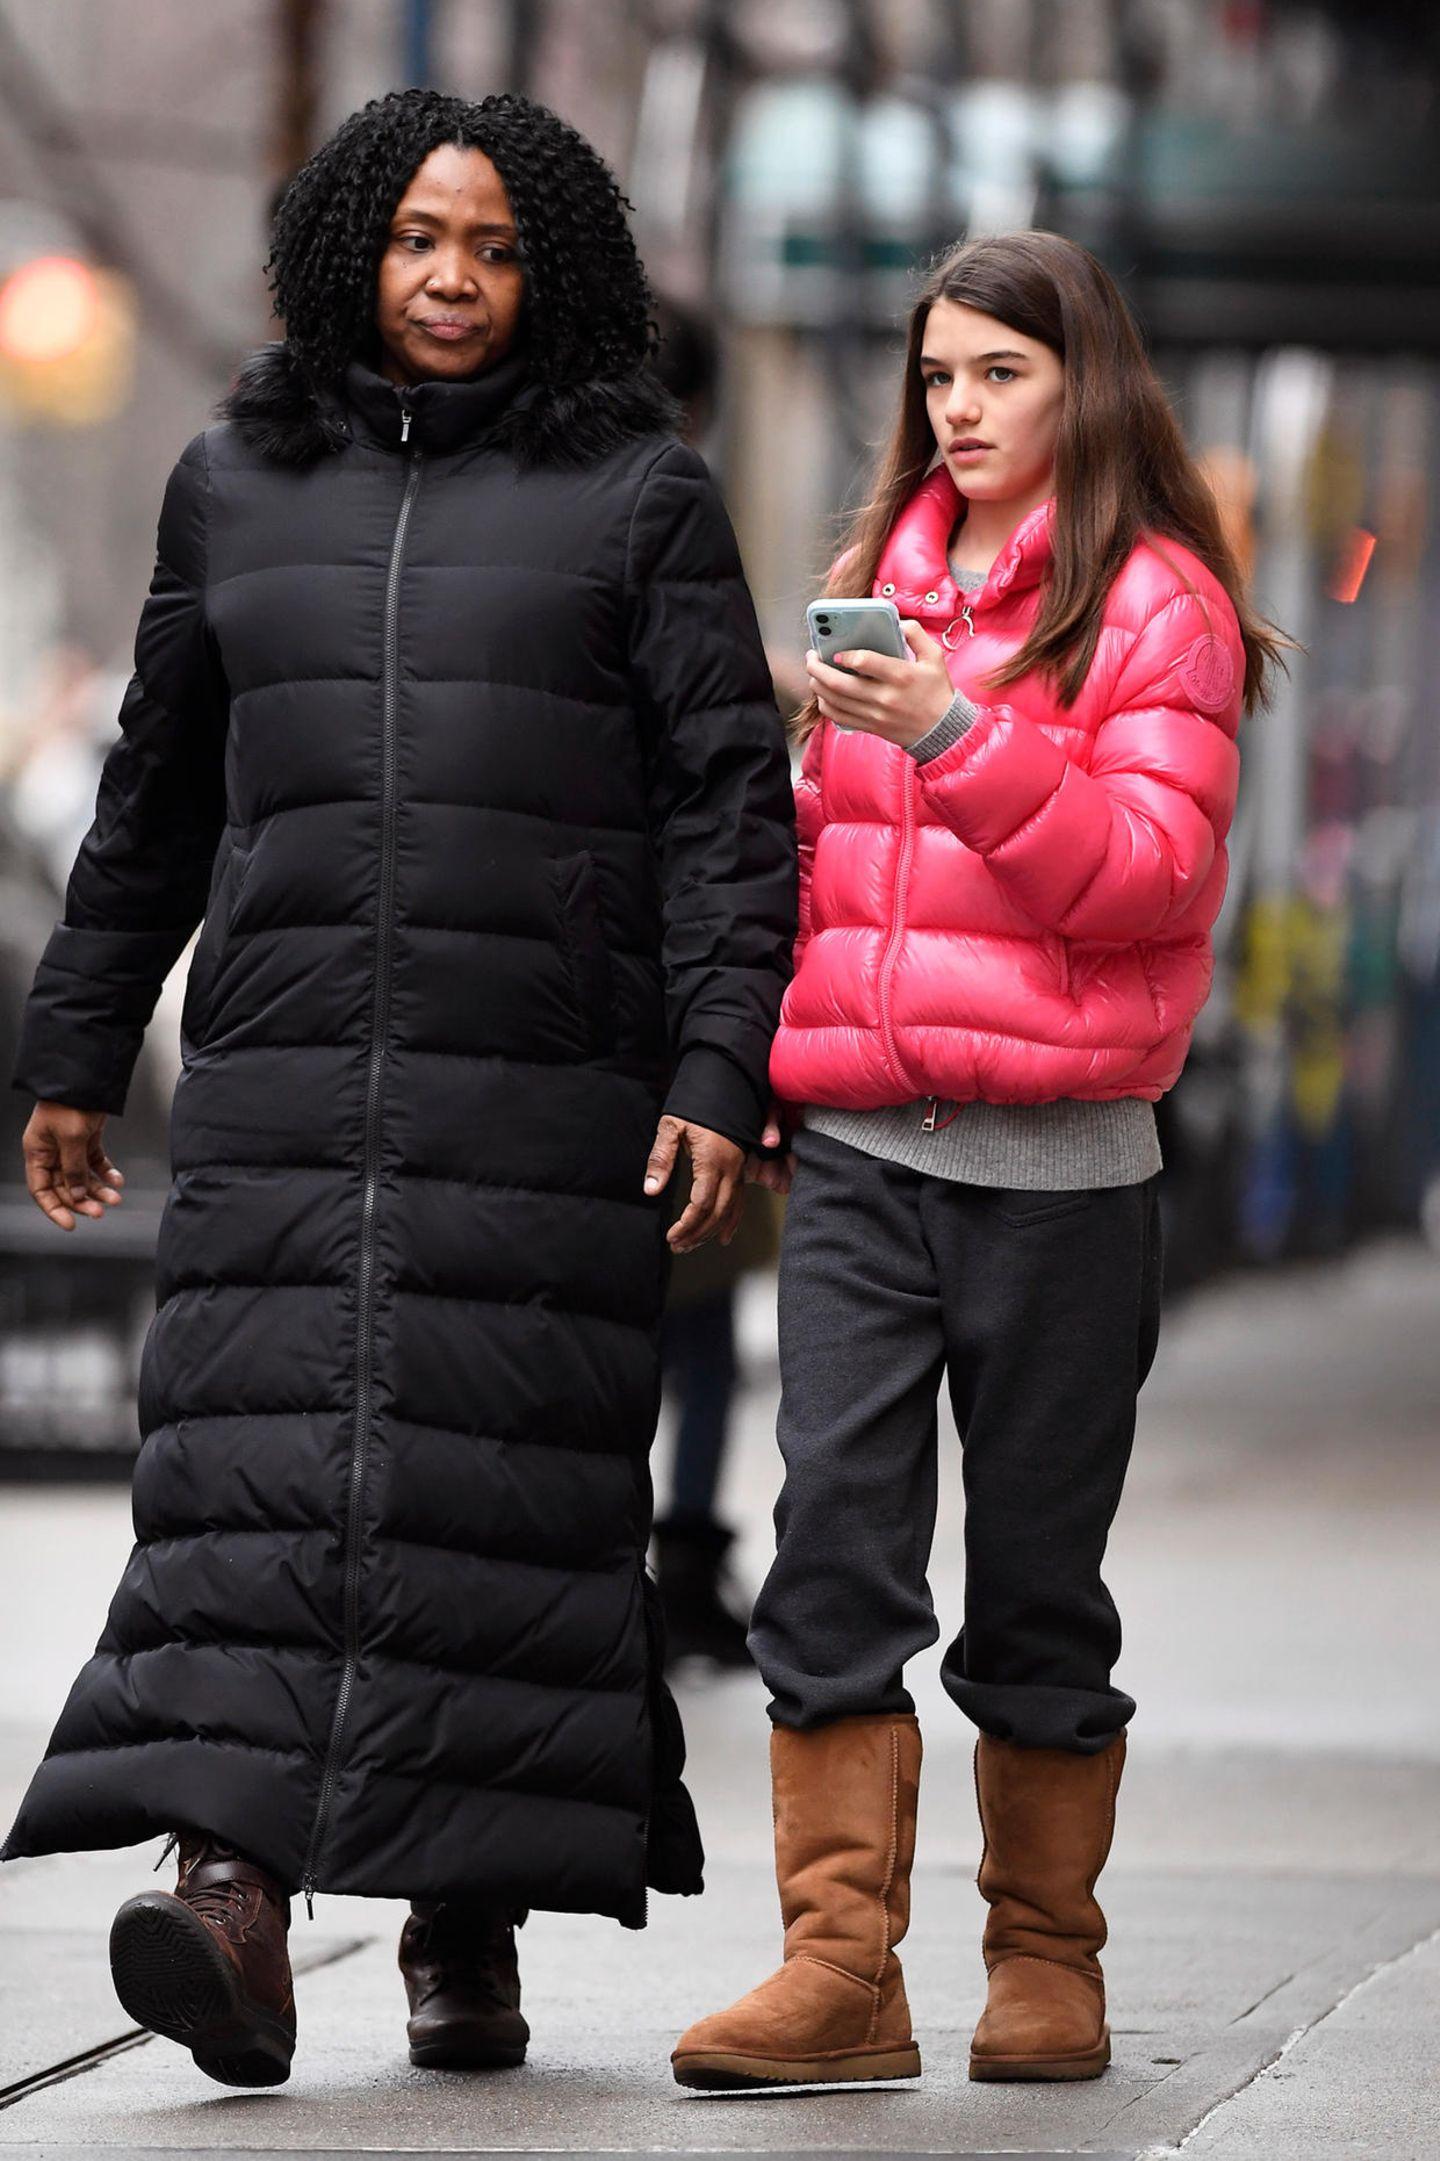 """Der Ausdruck """"Gammellook"""" scheint Suri Cruise durchaus geläufig zu sein. Die Tochter von Katie Holmes und Tom Cruise schlurft mit Jogginghose, Ugg Boots und - dann doch noch ein wenig stylisch - einer knallpinken Daunenjace an der Seite ihrer Nanny durch New York."""